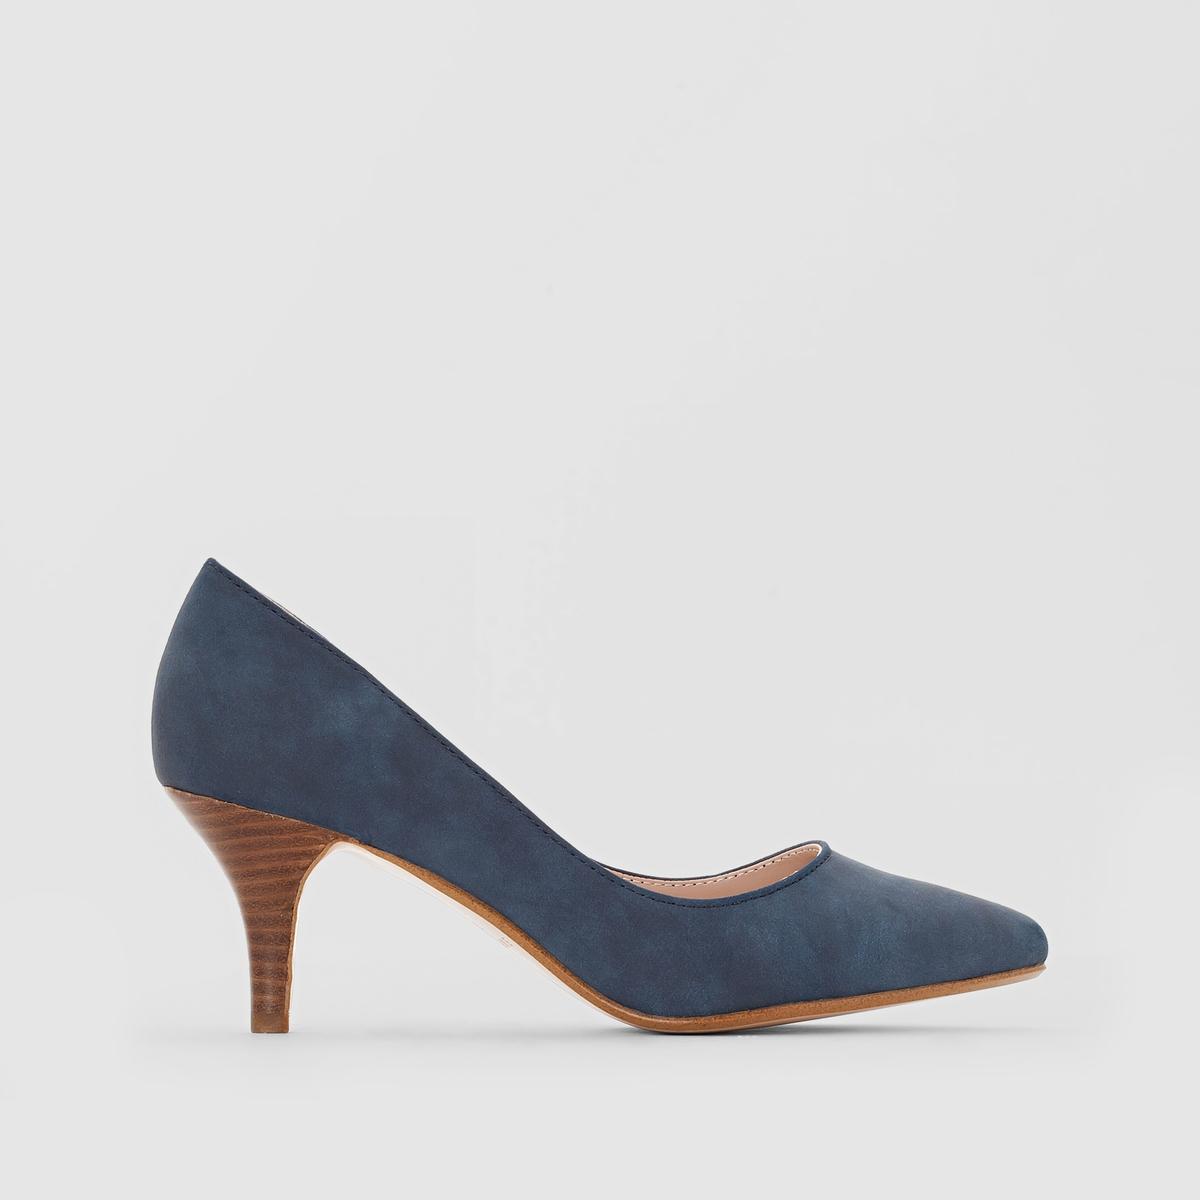 Туфли Pyra PumpВерх: синтетика.Подкладка: синтетика.Стелька: синтетика.Подошва: каучук.Высота каблука: 4 см.Форма каблука: тонкий каблук.Мысок: закругленный.Застежка: без застежки.<br><br>Цвет: синий морской,черный